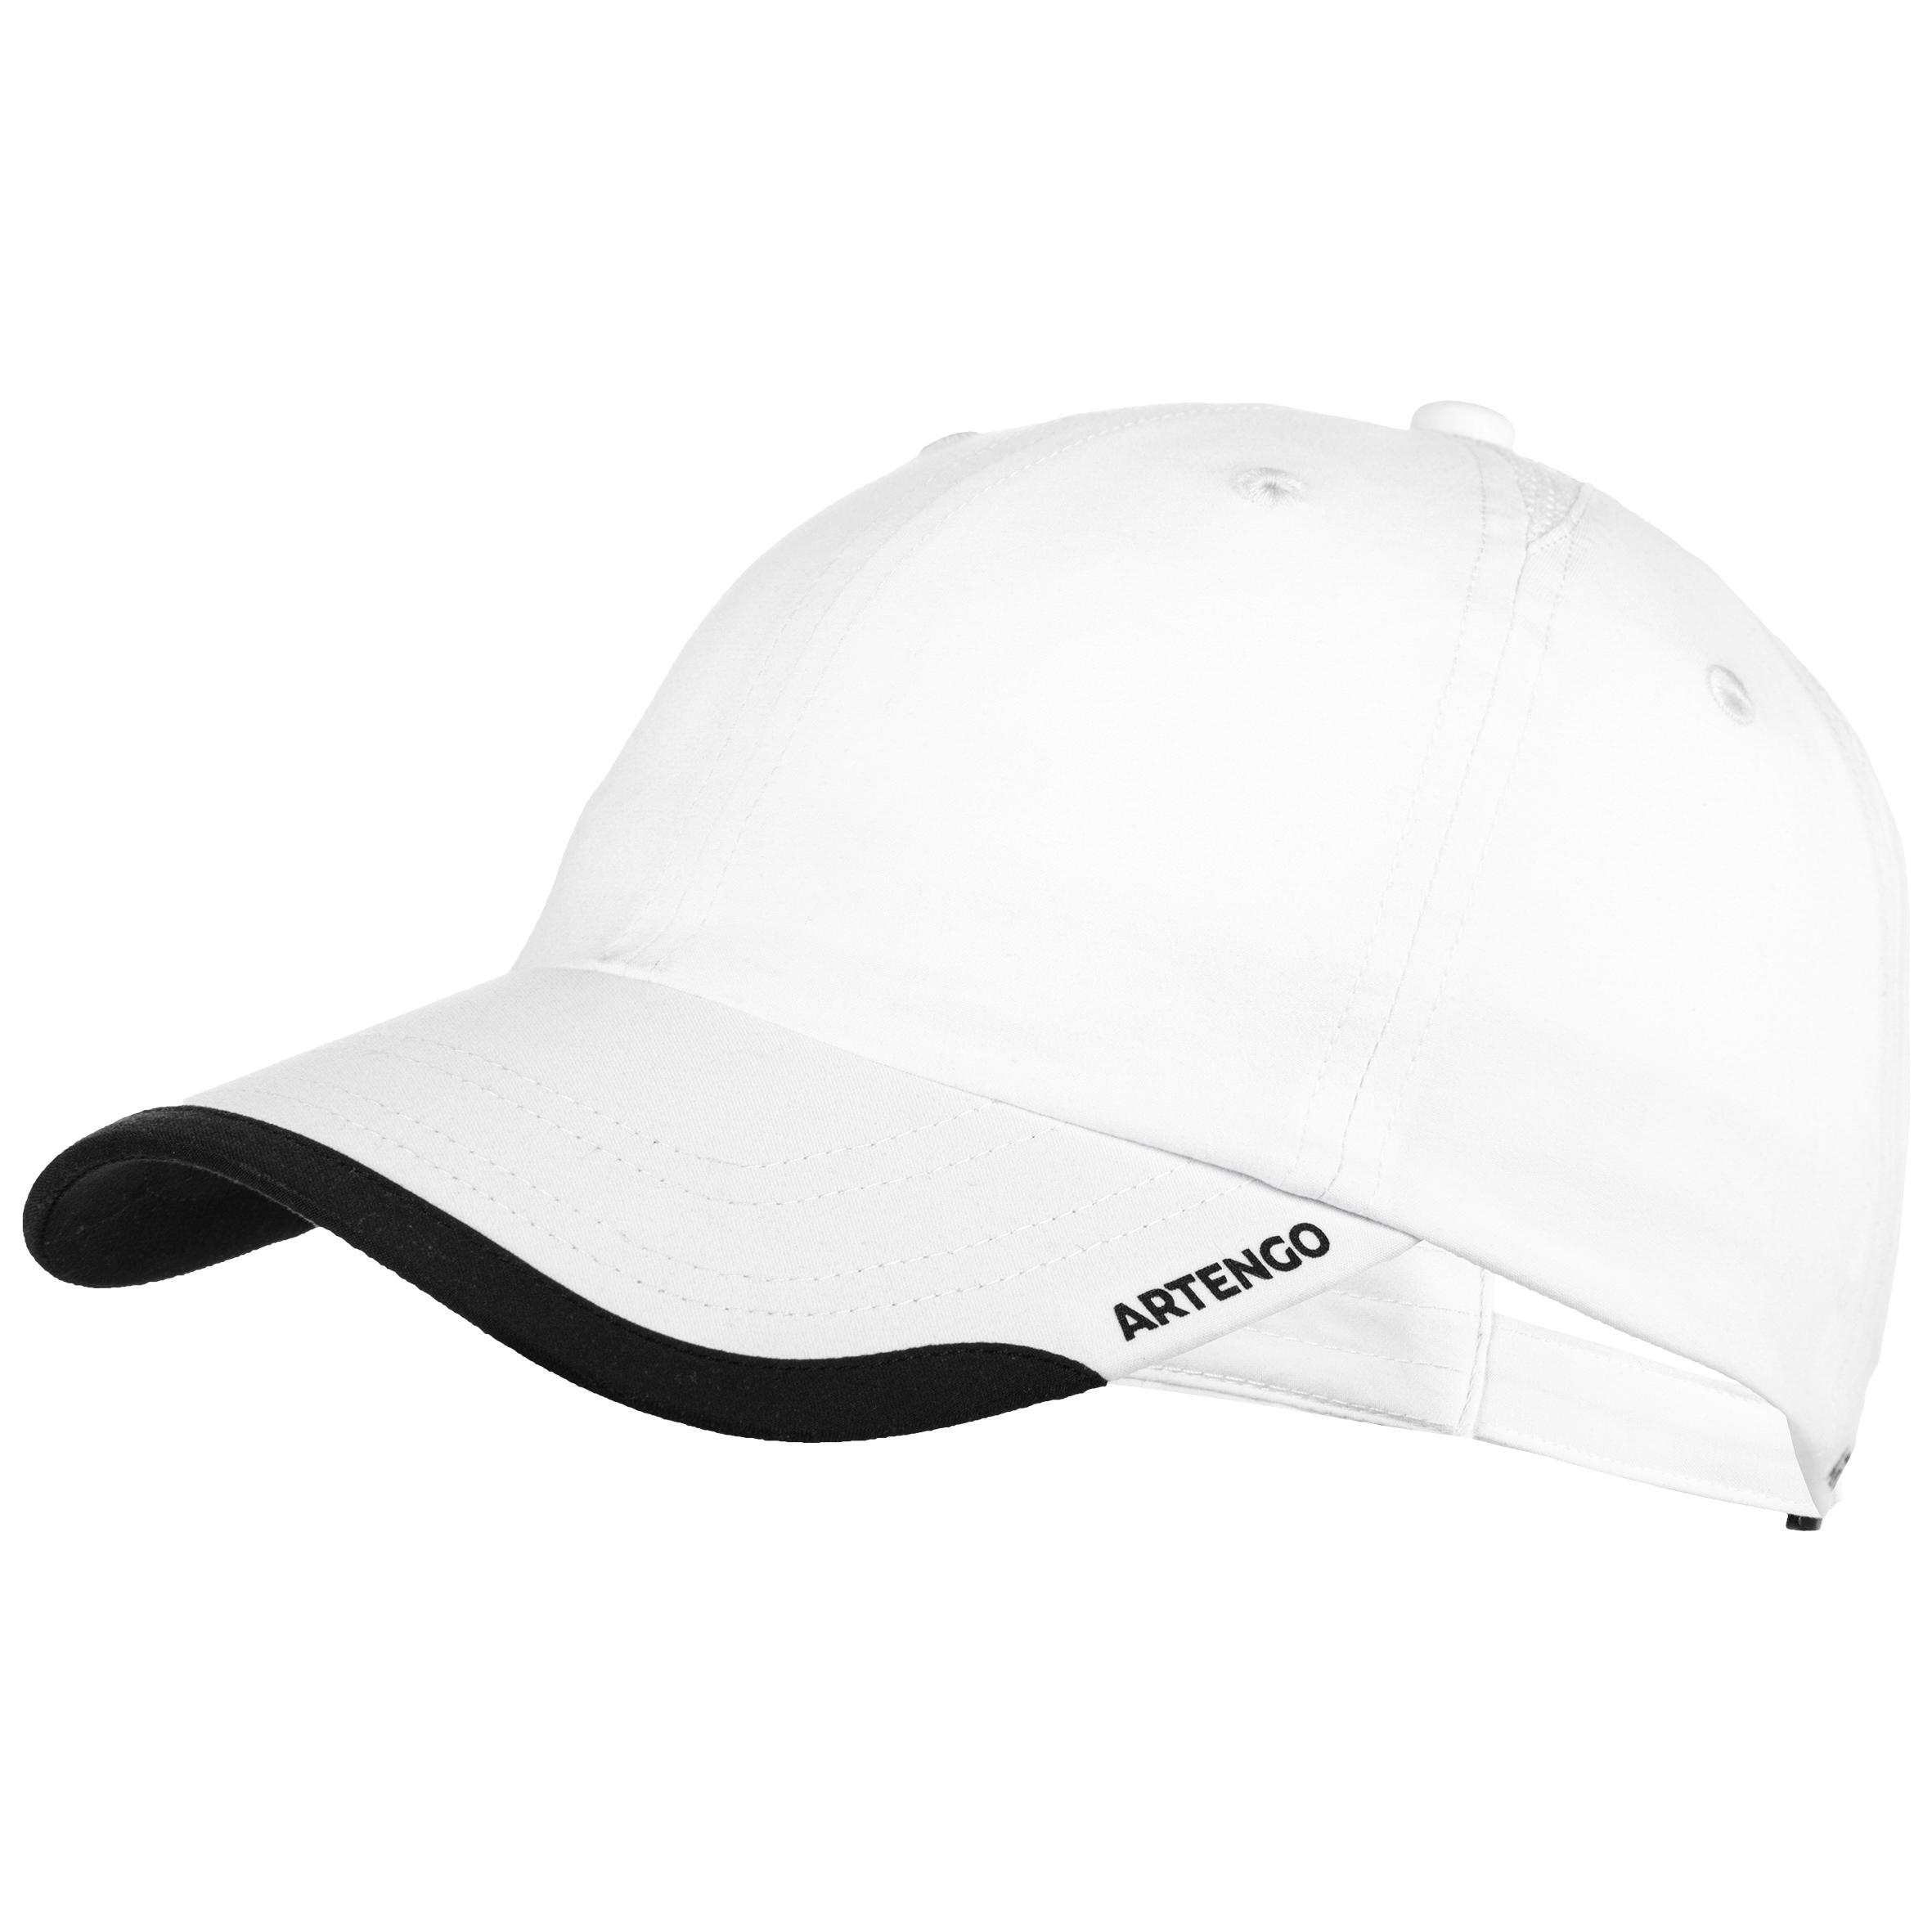 Șapcă Tenis TC100 la Reducere poza